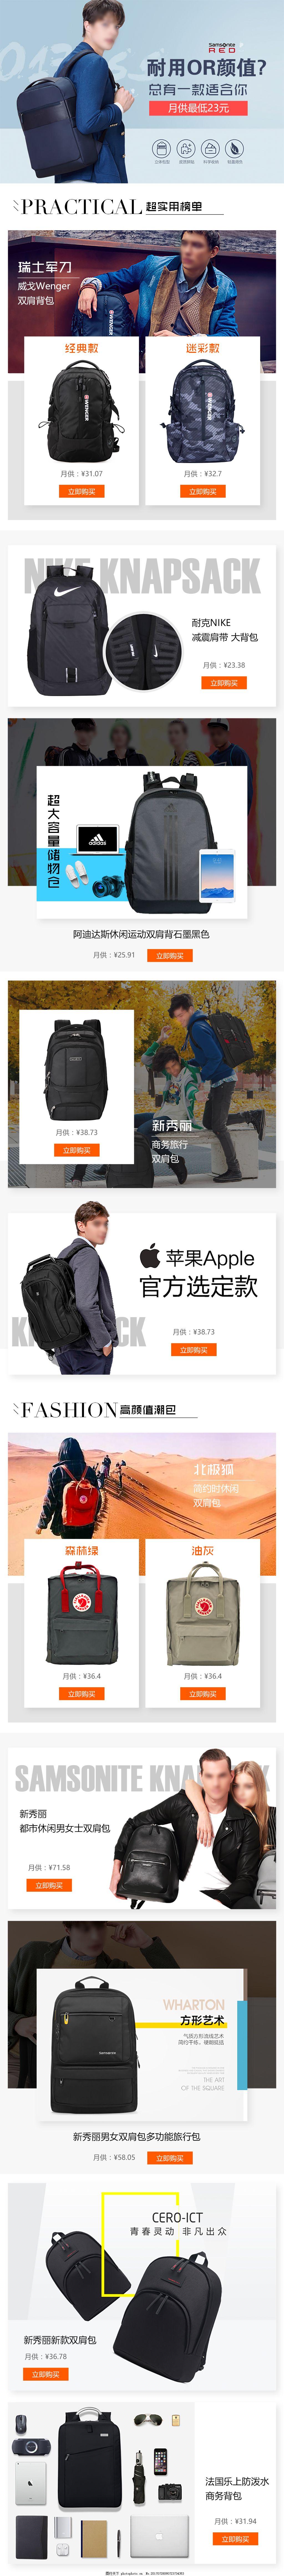 淘宝天猫双肩包详情页模板设计 品类 背包 耐用 潮品 颜值 运动